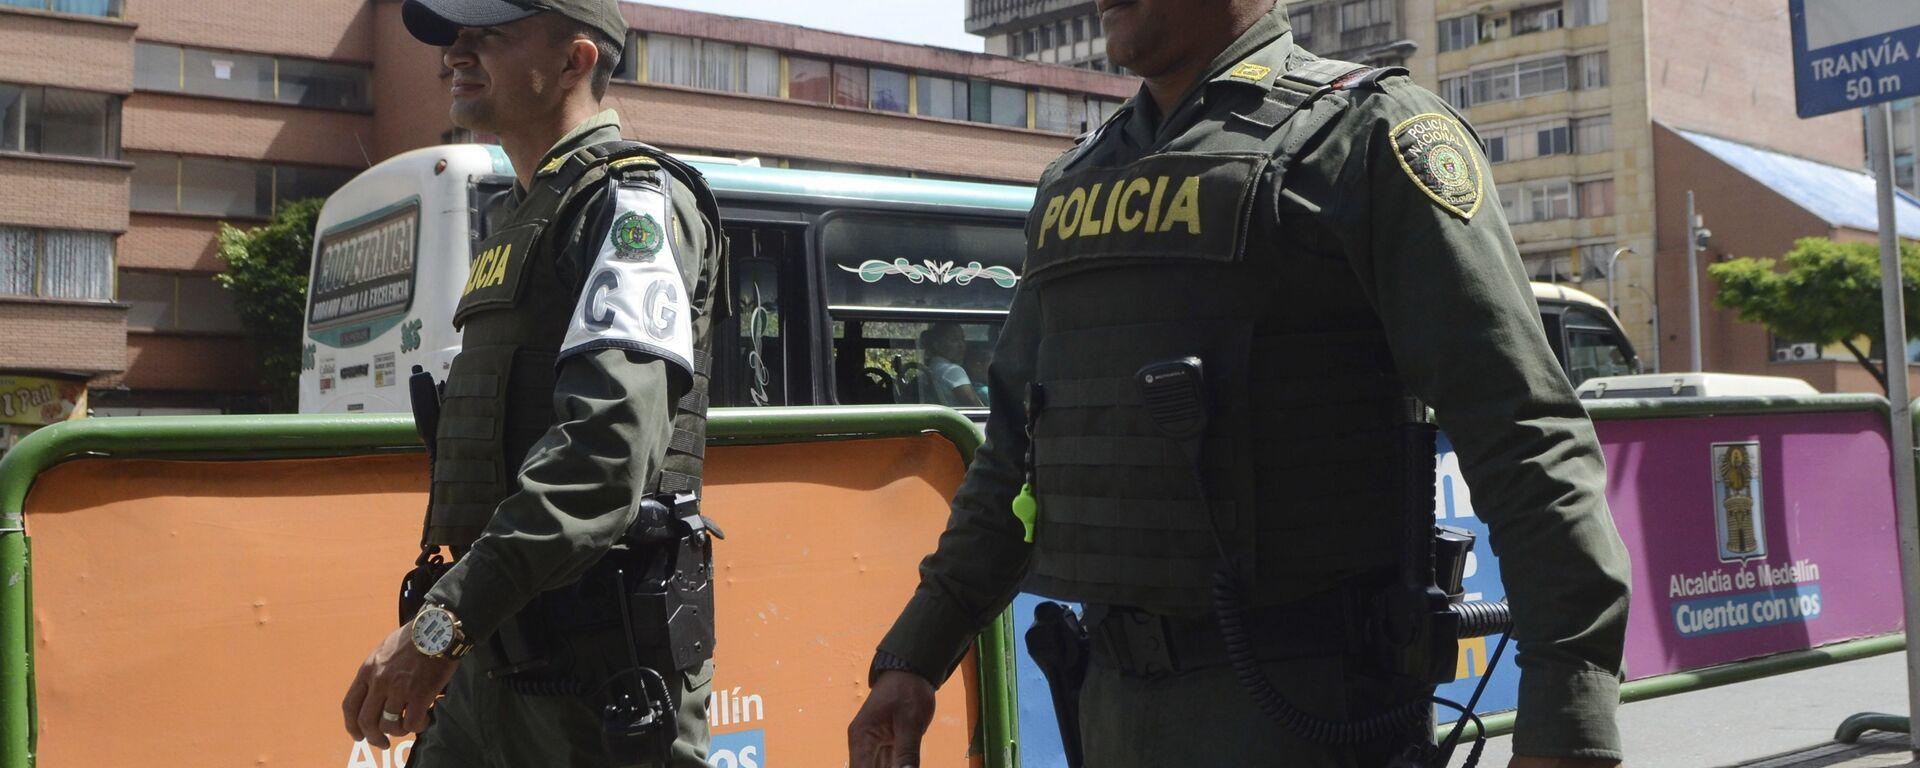 Policía colombiana (Archivo) - Sputnik Mundo, 1920, 10.08.2021